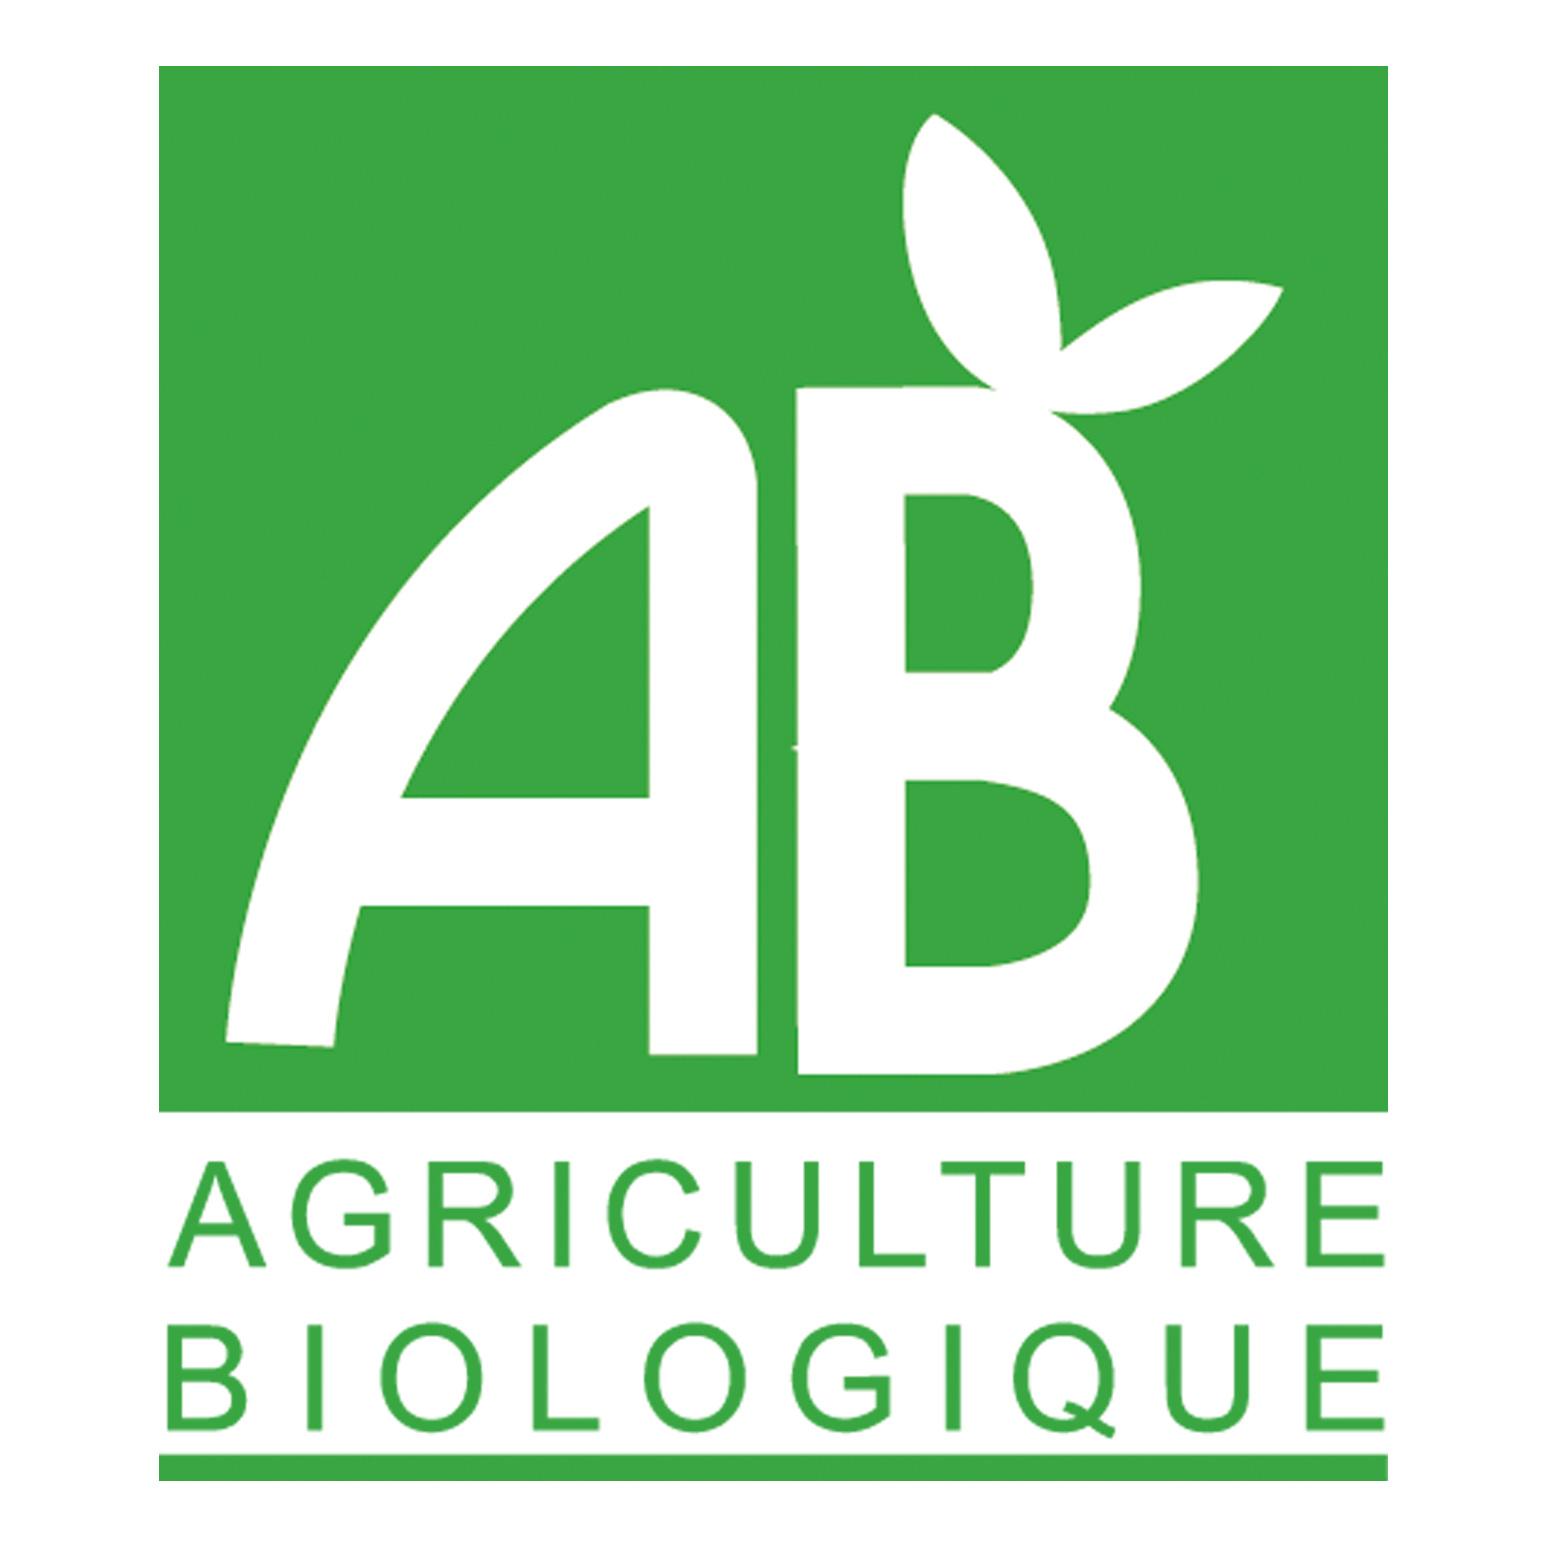 Agriculture biologique : 6 restaurants collectifs sur 10 servent des produits bio